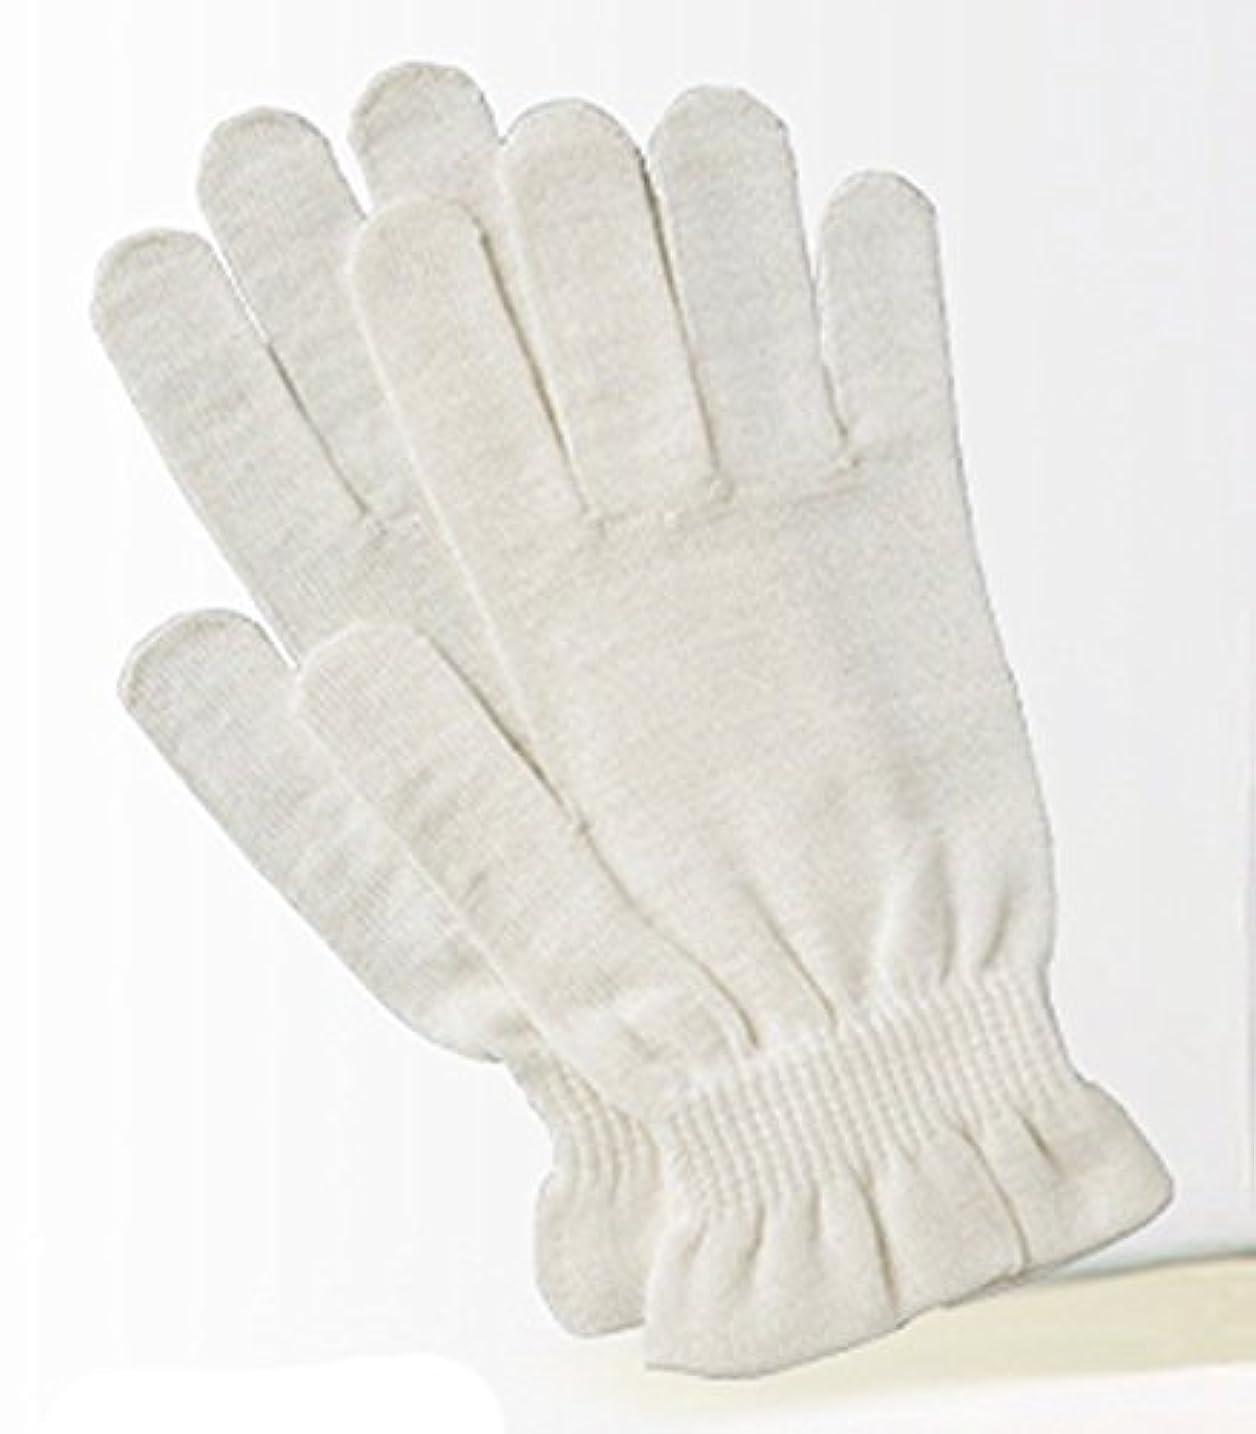 信頼性のある解明異邦人京都西陣の絹糸屋さんのシルク手袋